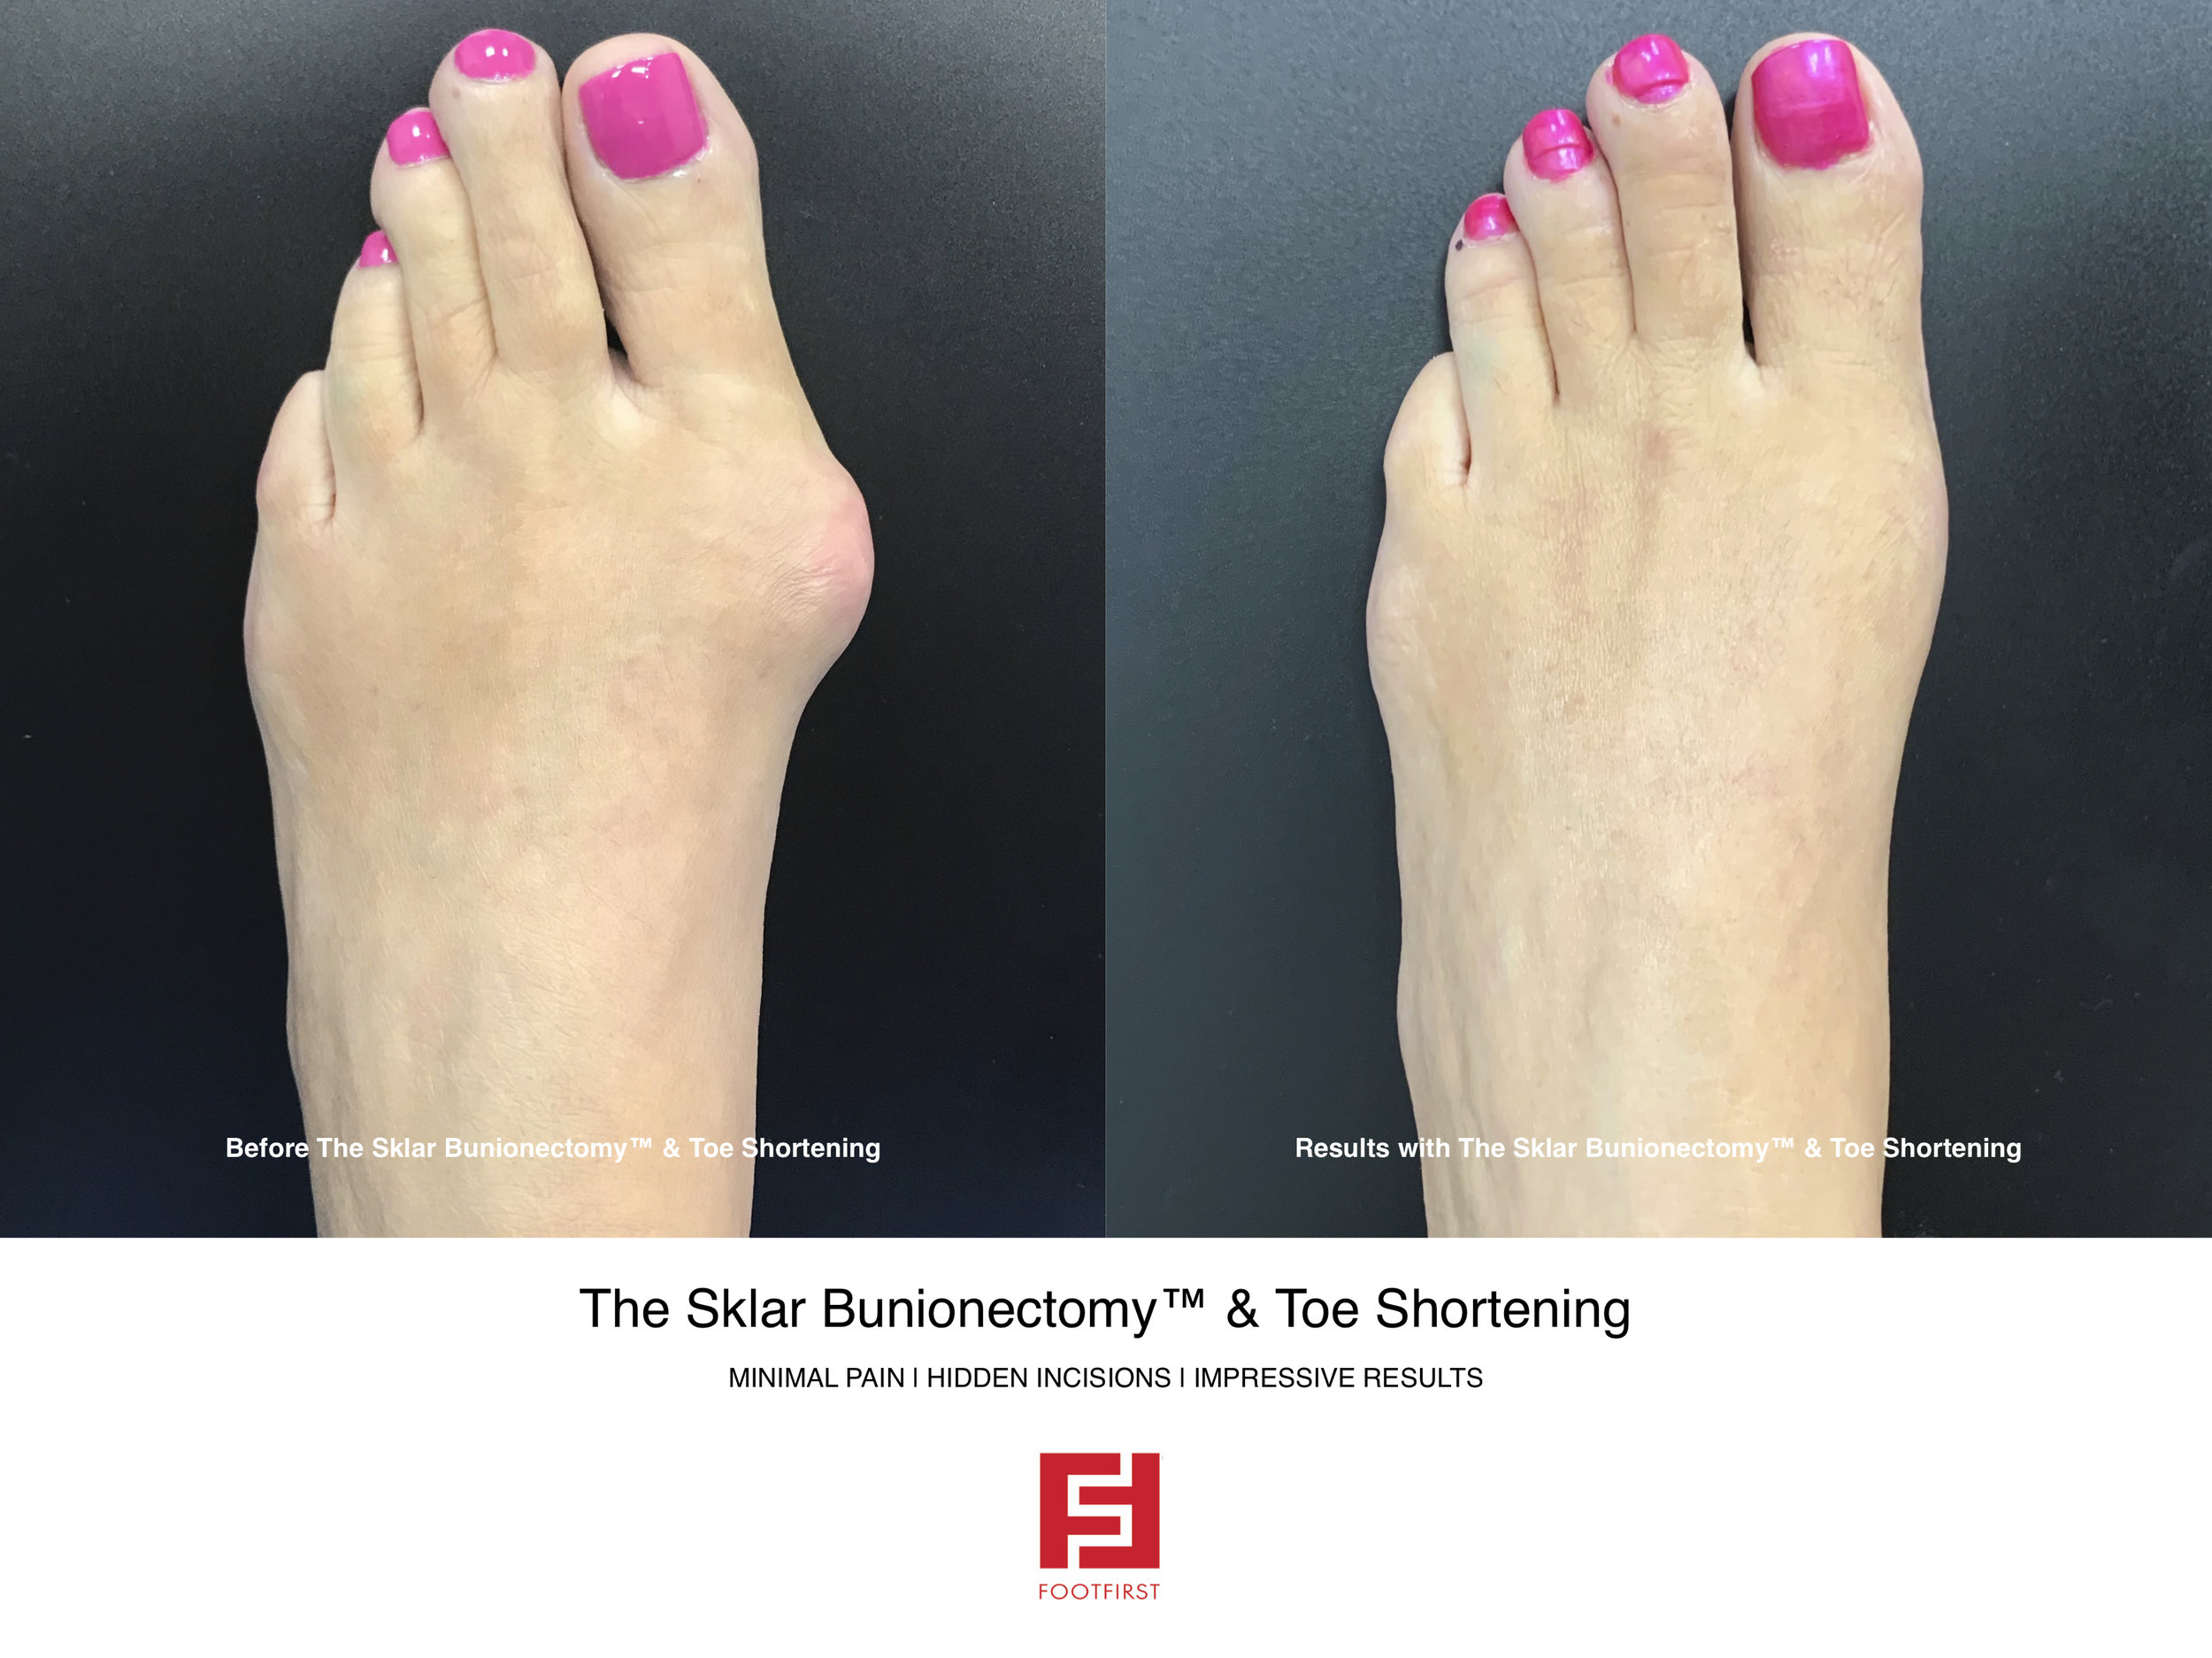 FF  www.footfirst.com - The Sklar Bunionectomy & Toe Shortening 11.jpg